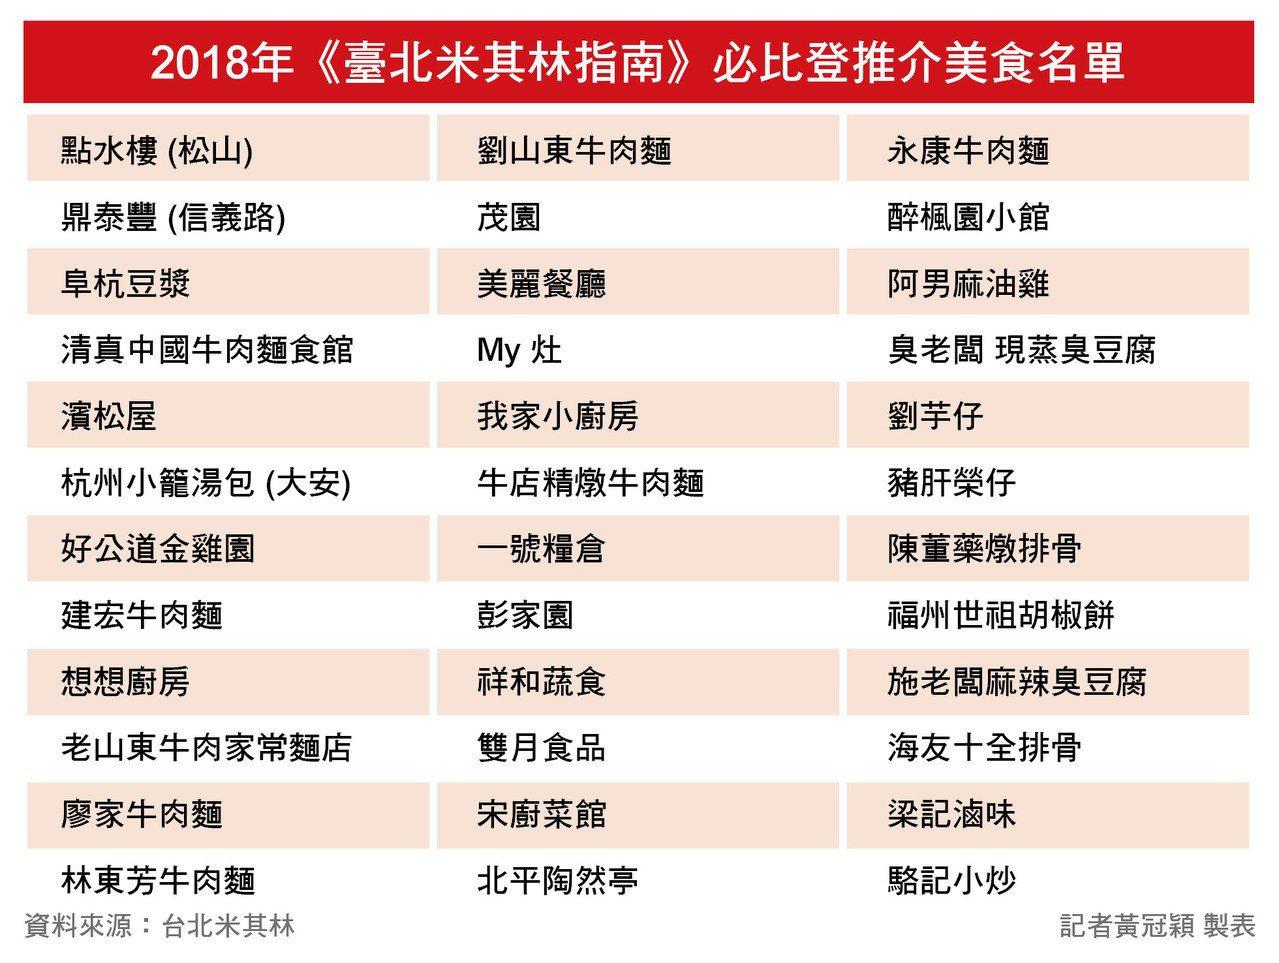 臺北米其林指南必比登推介名單。黃冠穎製表